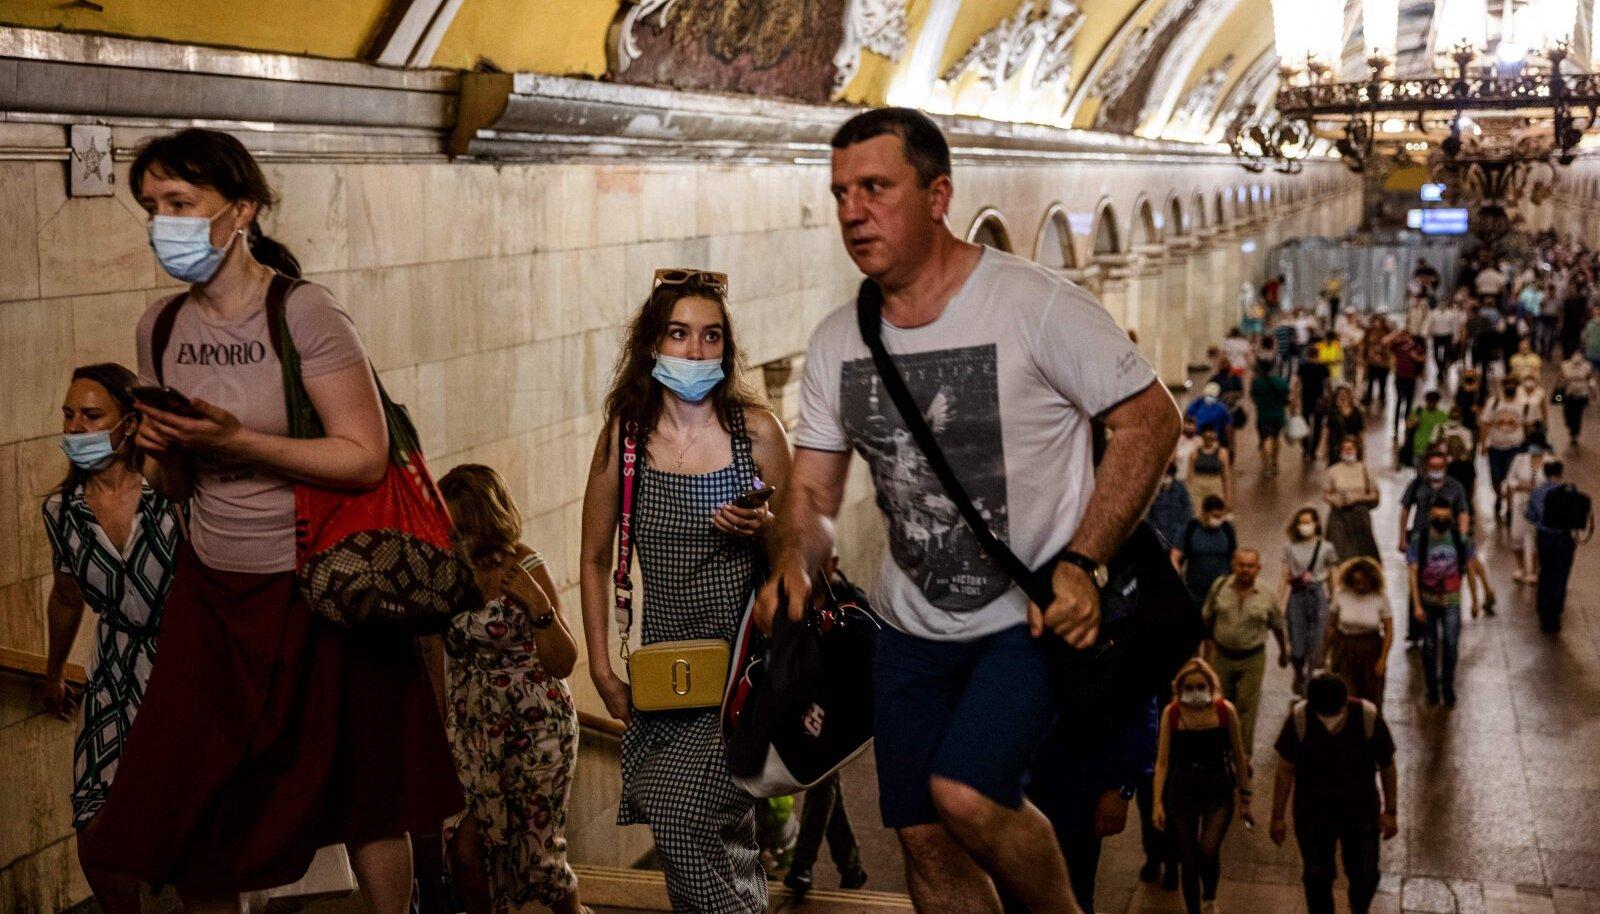 Moskva metroos kehtib ametlikult maski- ja kindakohustus.